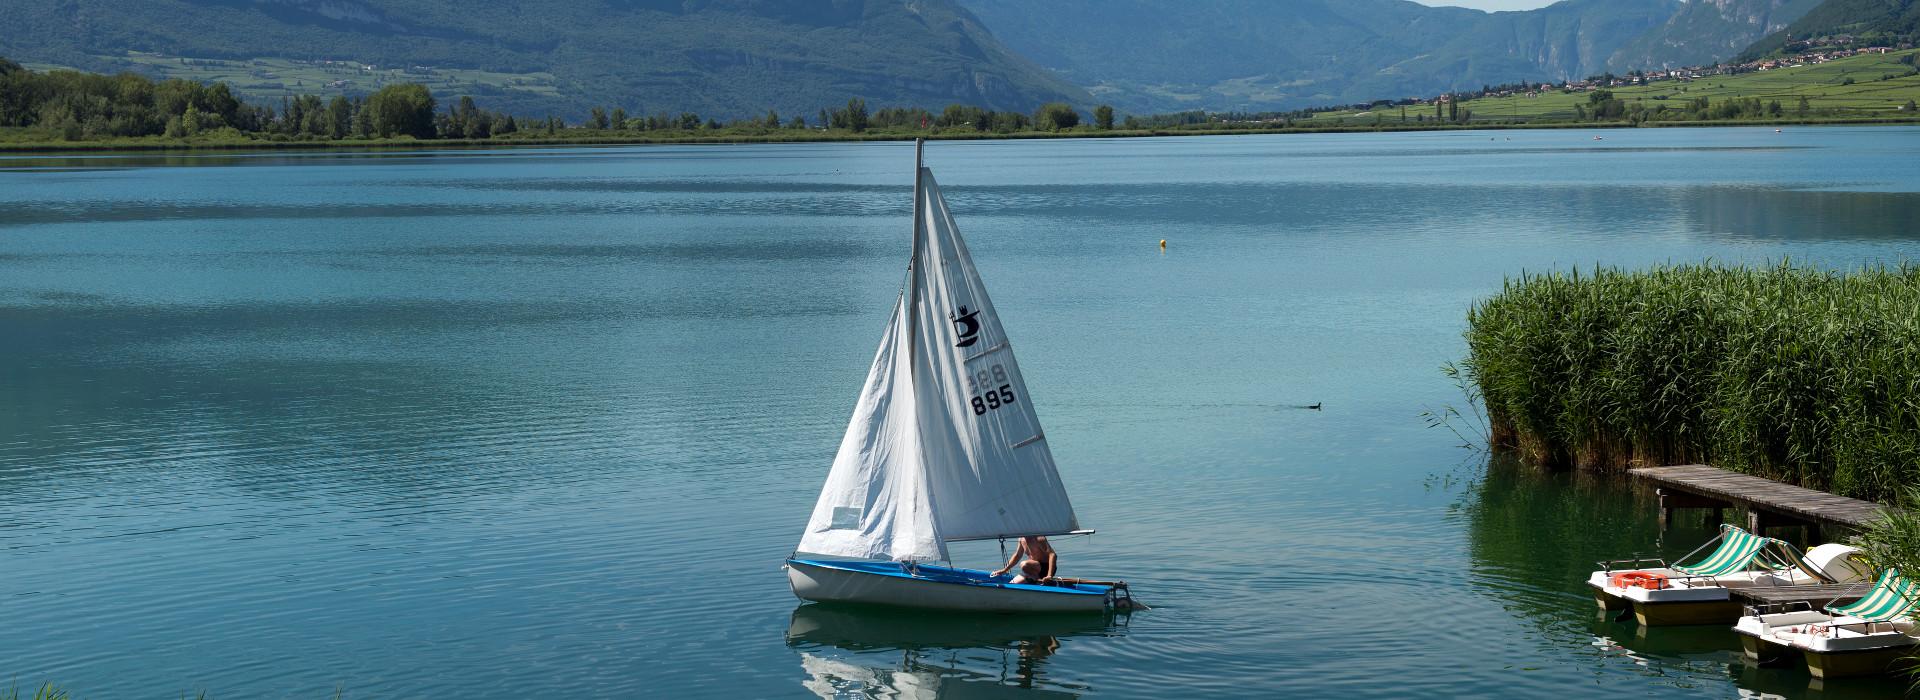 Segelboot auf dem Kalterer See - Urlaubsstimmung mit Seeblick im Hotel am Kalterer See